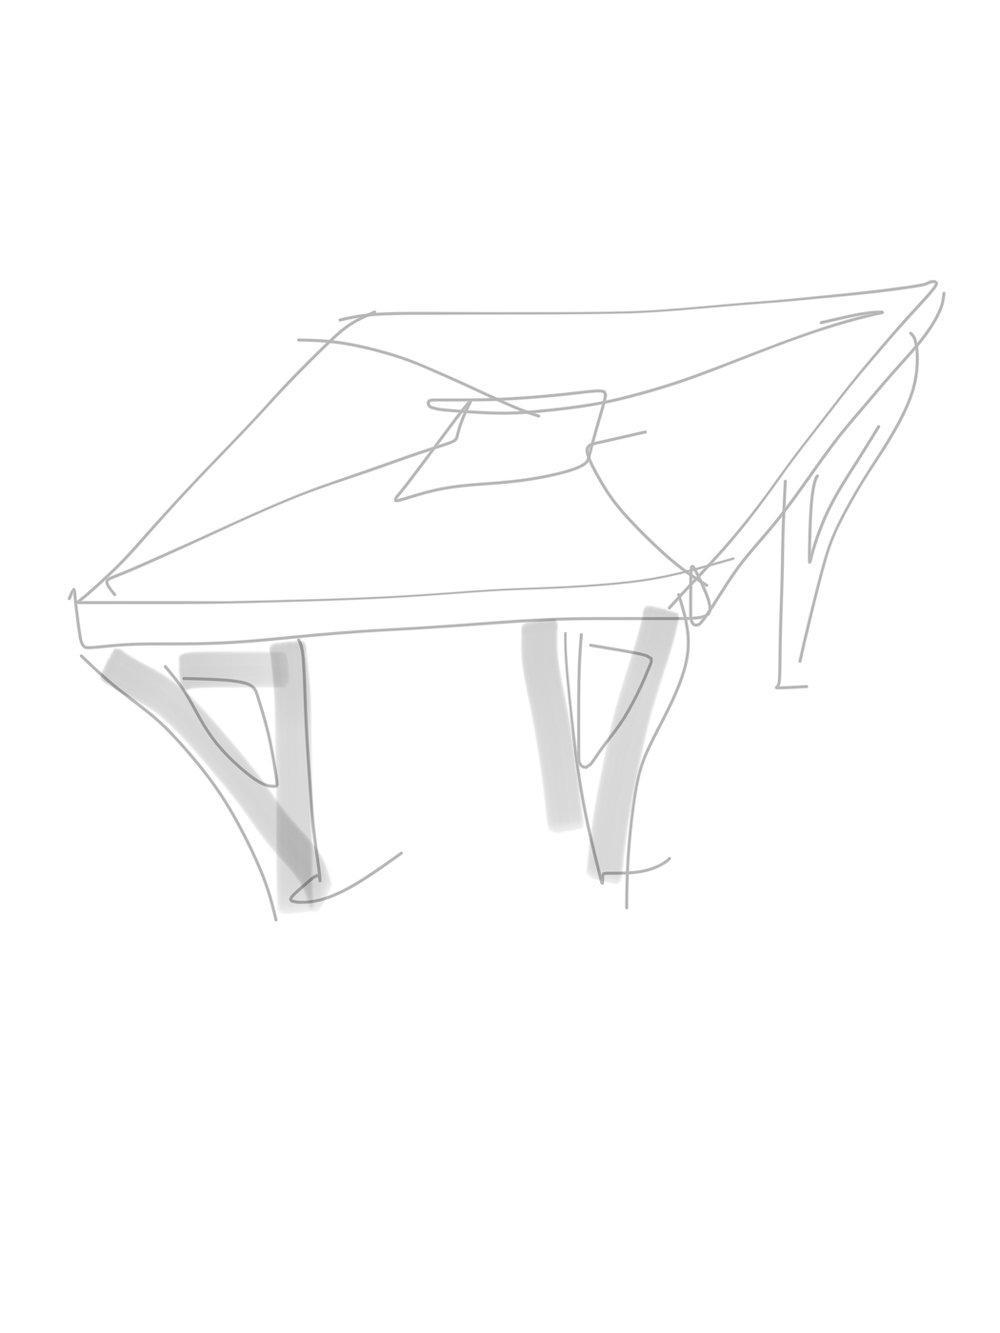 Sketch-396.jpg